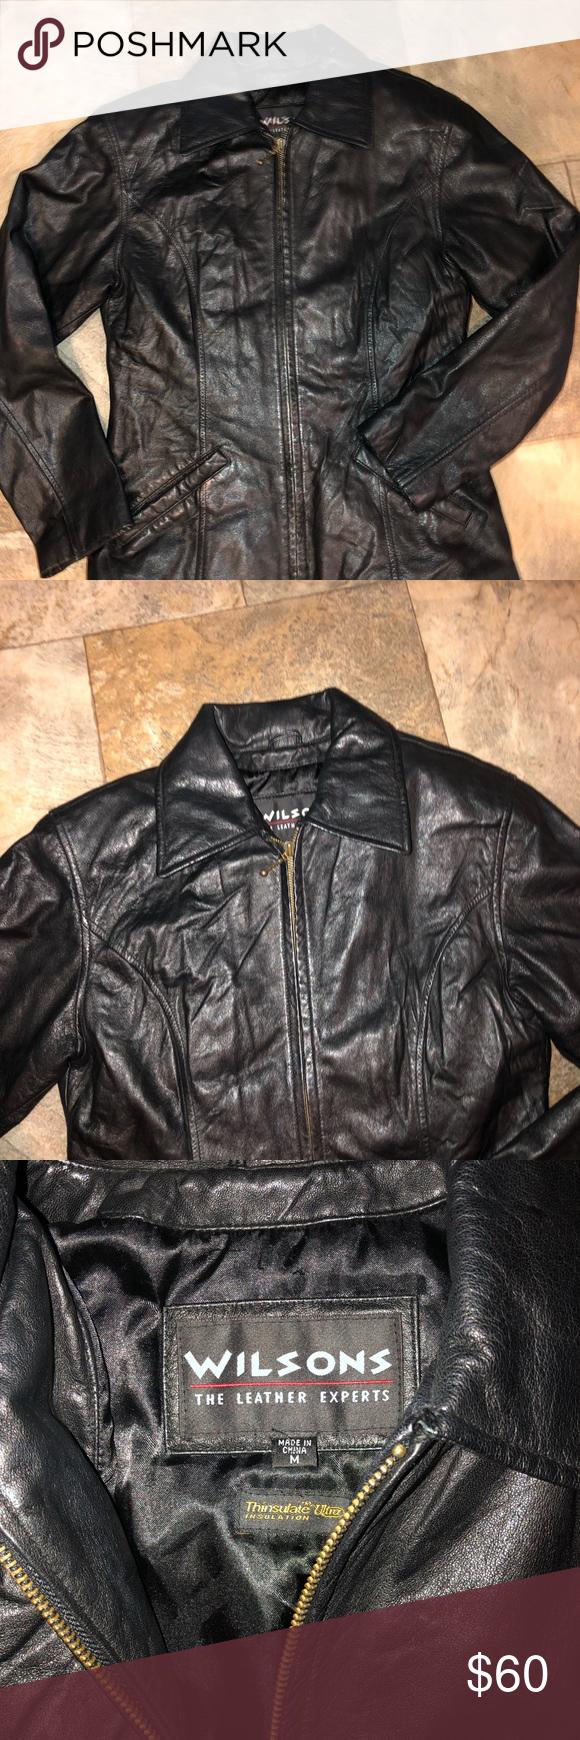 Wilson's Leather Women's Jacket Euc Size Medium Wilson's